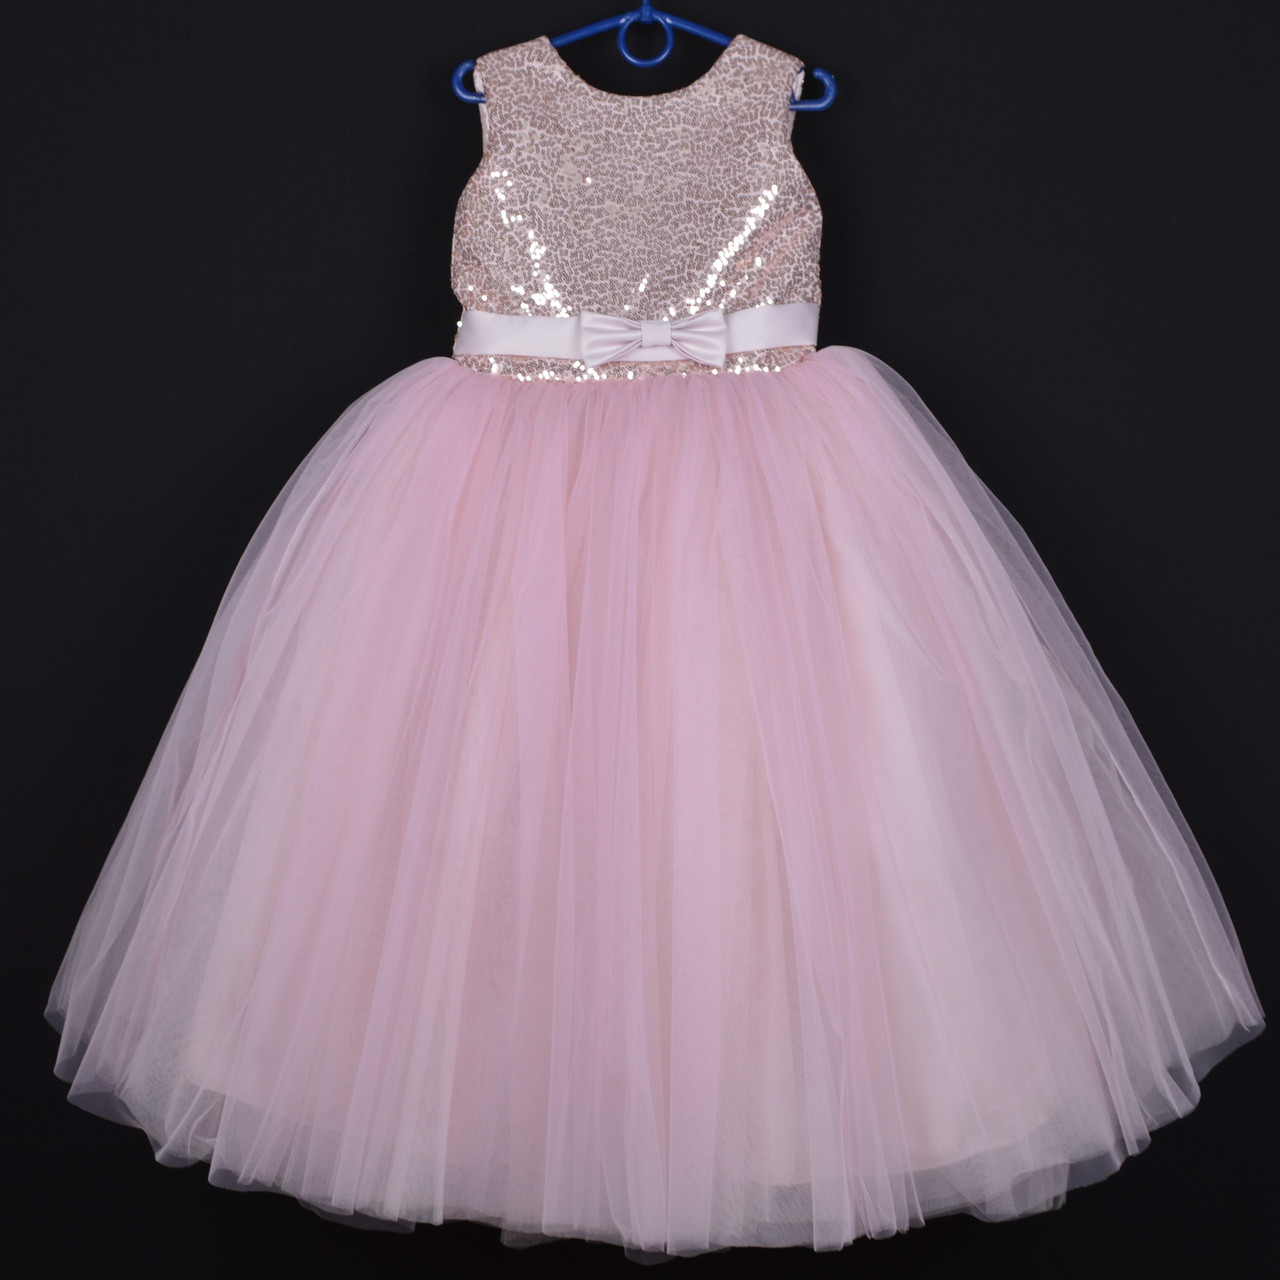 """Платье нарядное детское """"Зарина"""" с открытой спиной и съемным бантом. 6-7 лет. Пудра. Оптом и в розницу"""